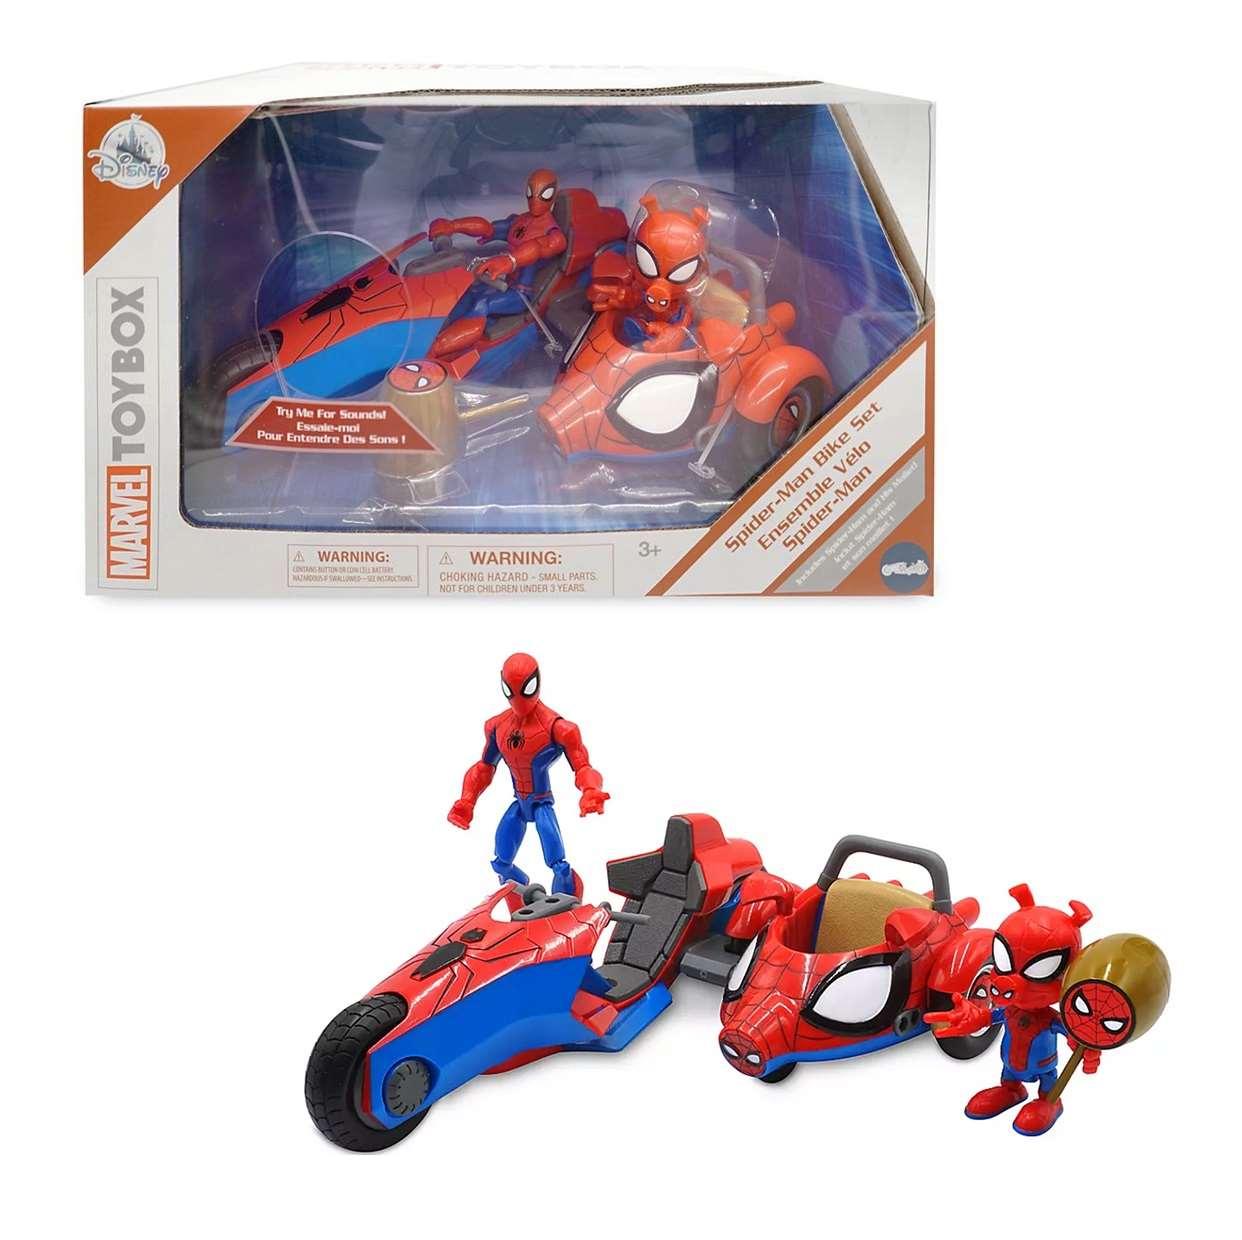 Spider Man Bike Set And Spider Ham Marvel Toybox